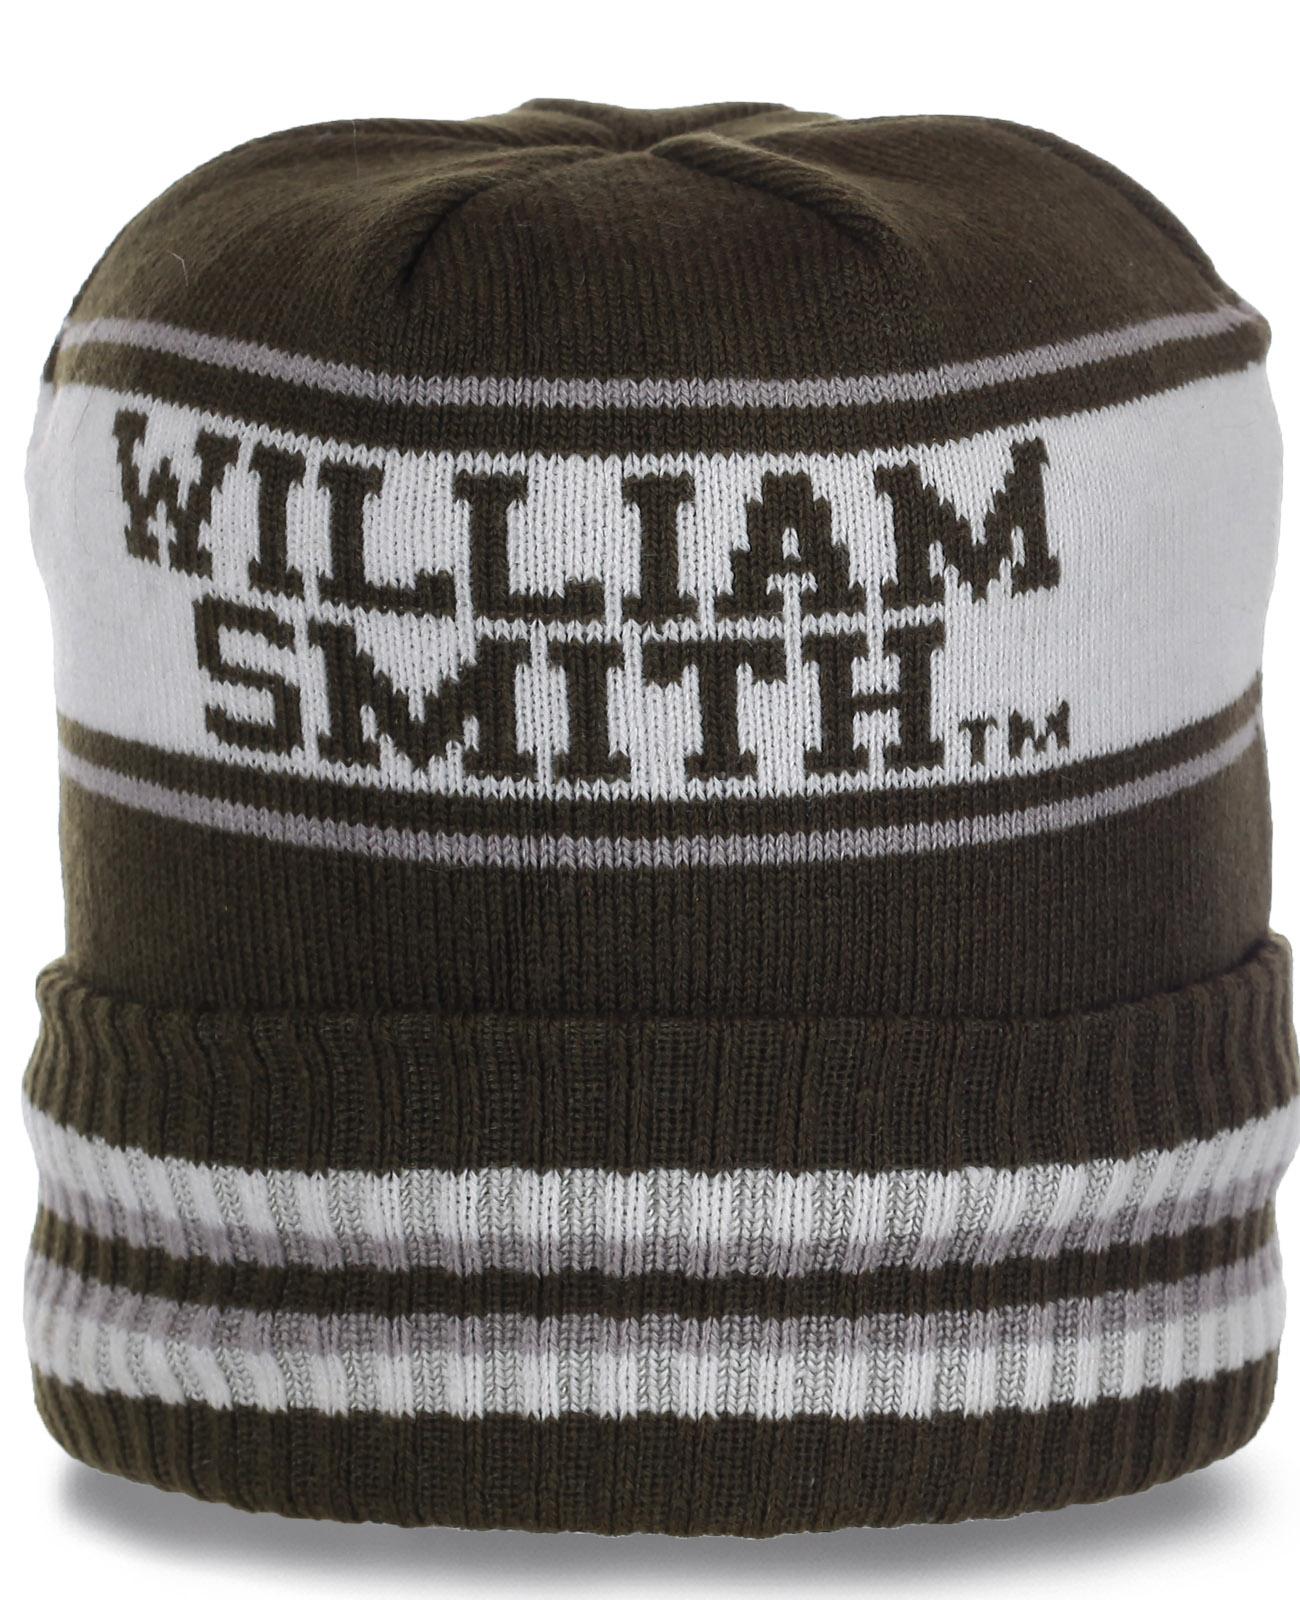 Топовая флисовая спортивная мужская шапка от William Smith